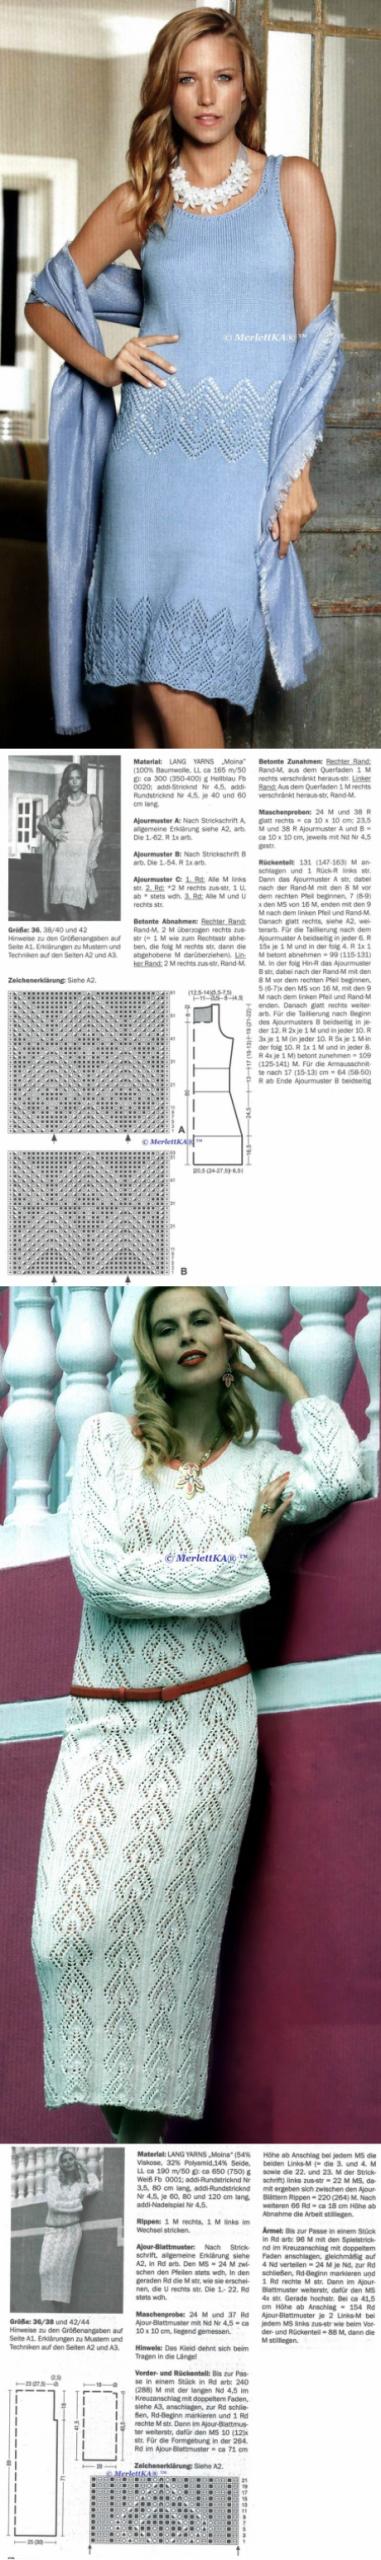 20 Elegant Kleider Ab Größe 44 Design17 Genial Kleider Ab Größe 44 Design